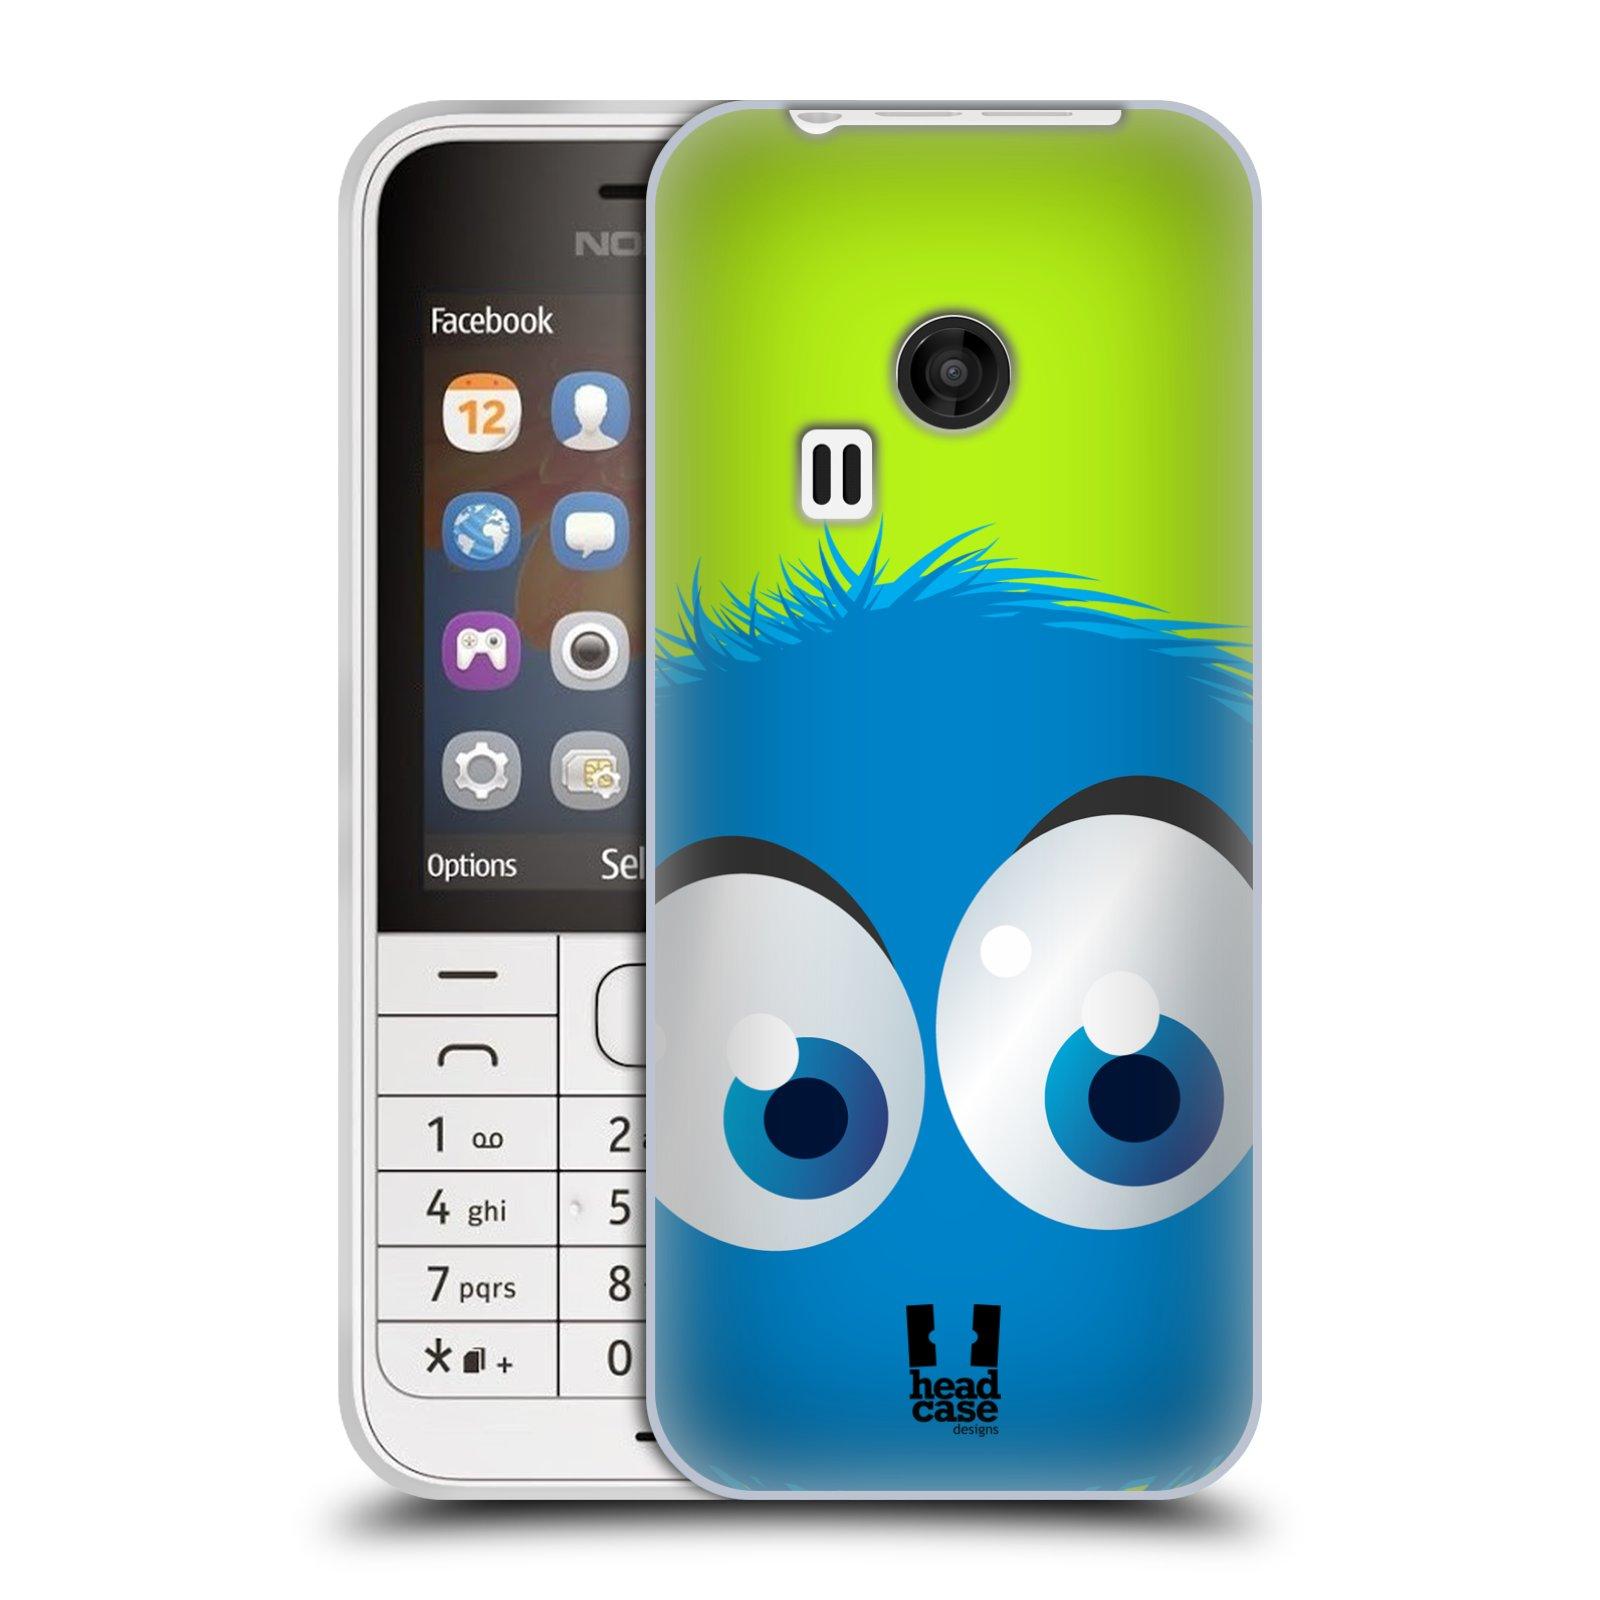 Silikonové pouzdro na mobil Nokia 220 HEAD CASE FUZÍK MODRÝ (Silikonový kryt či obal na mobilní telefon Nokia 220 a 220 Dual SIM)